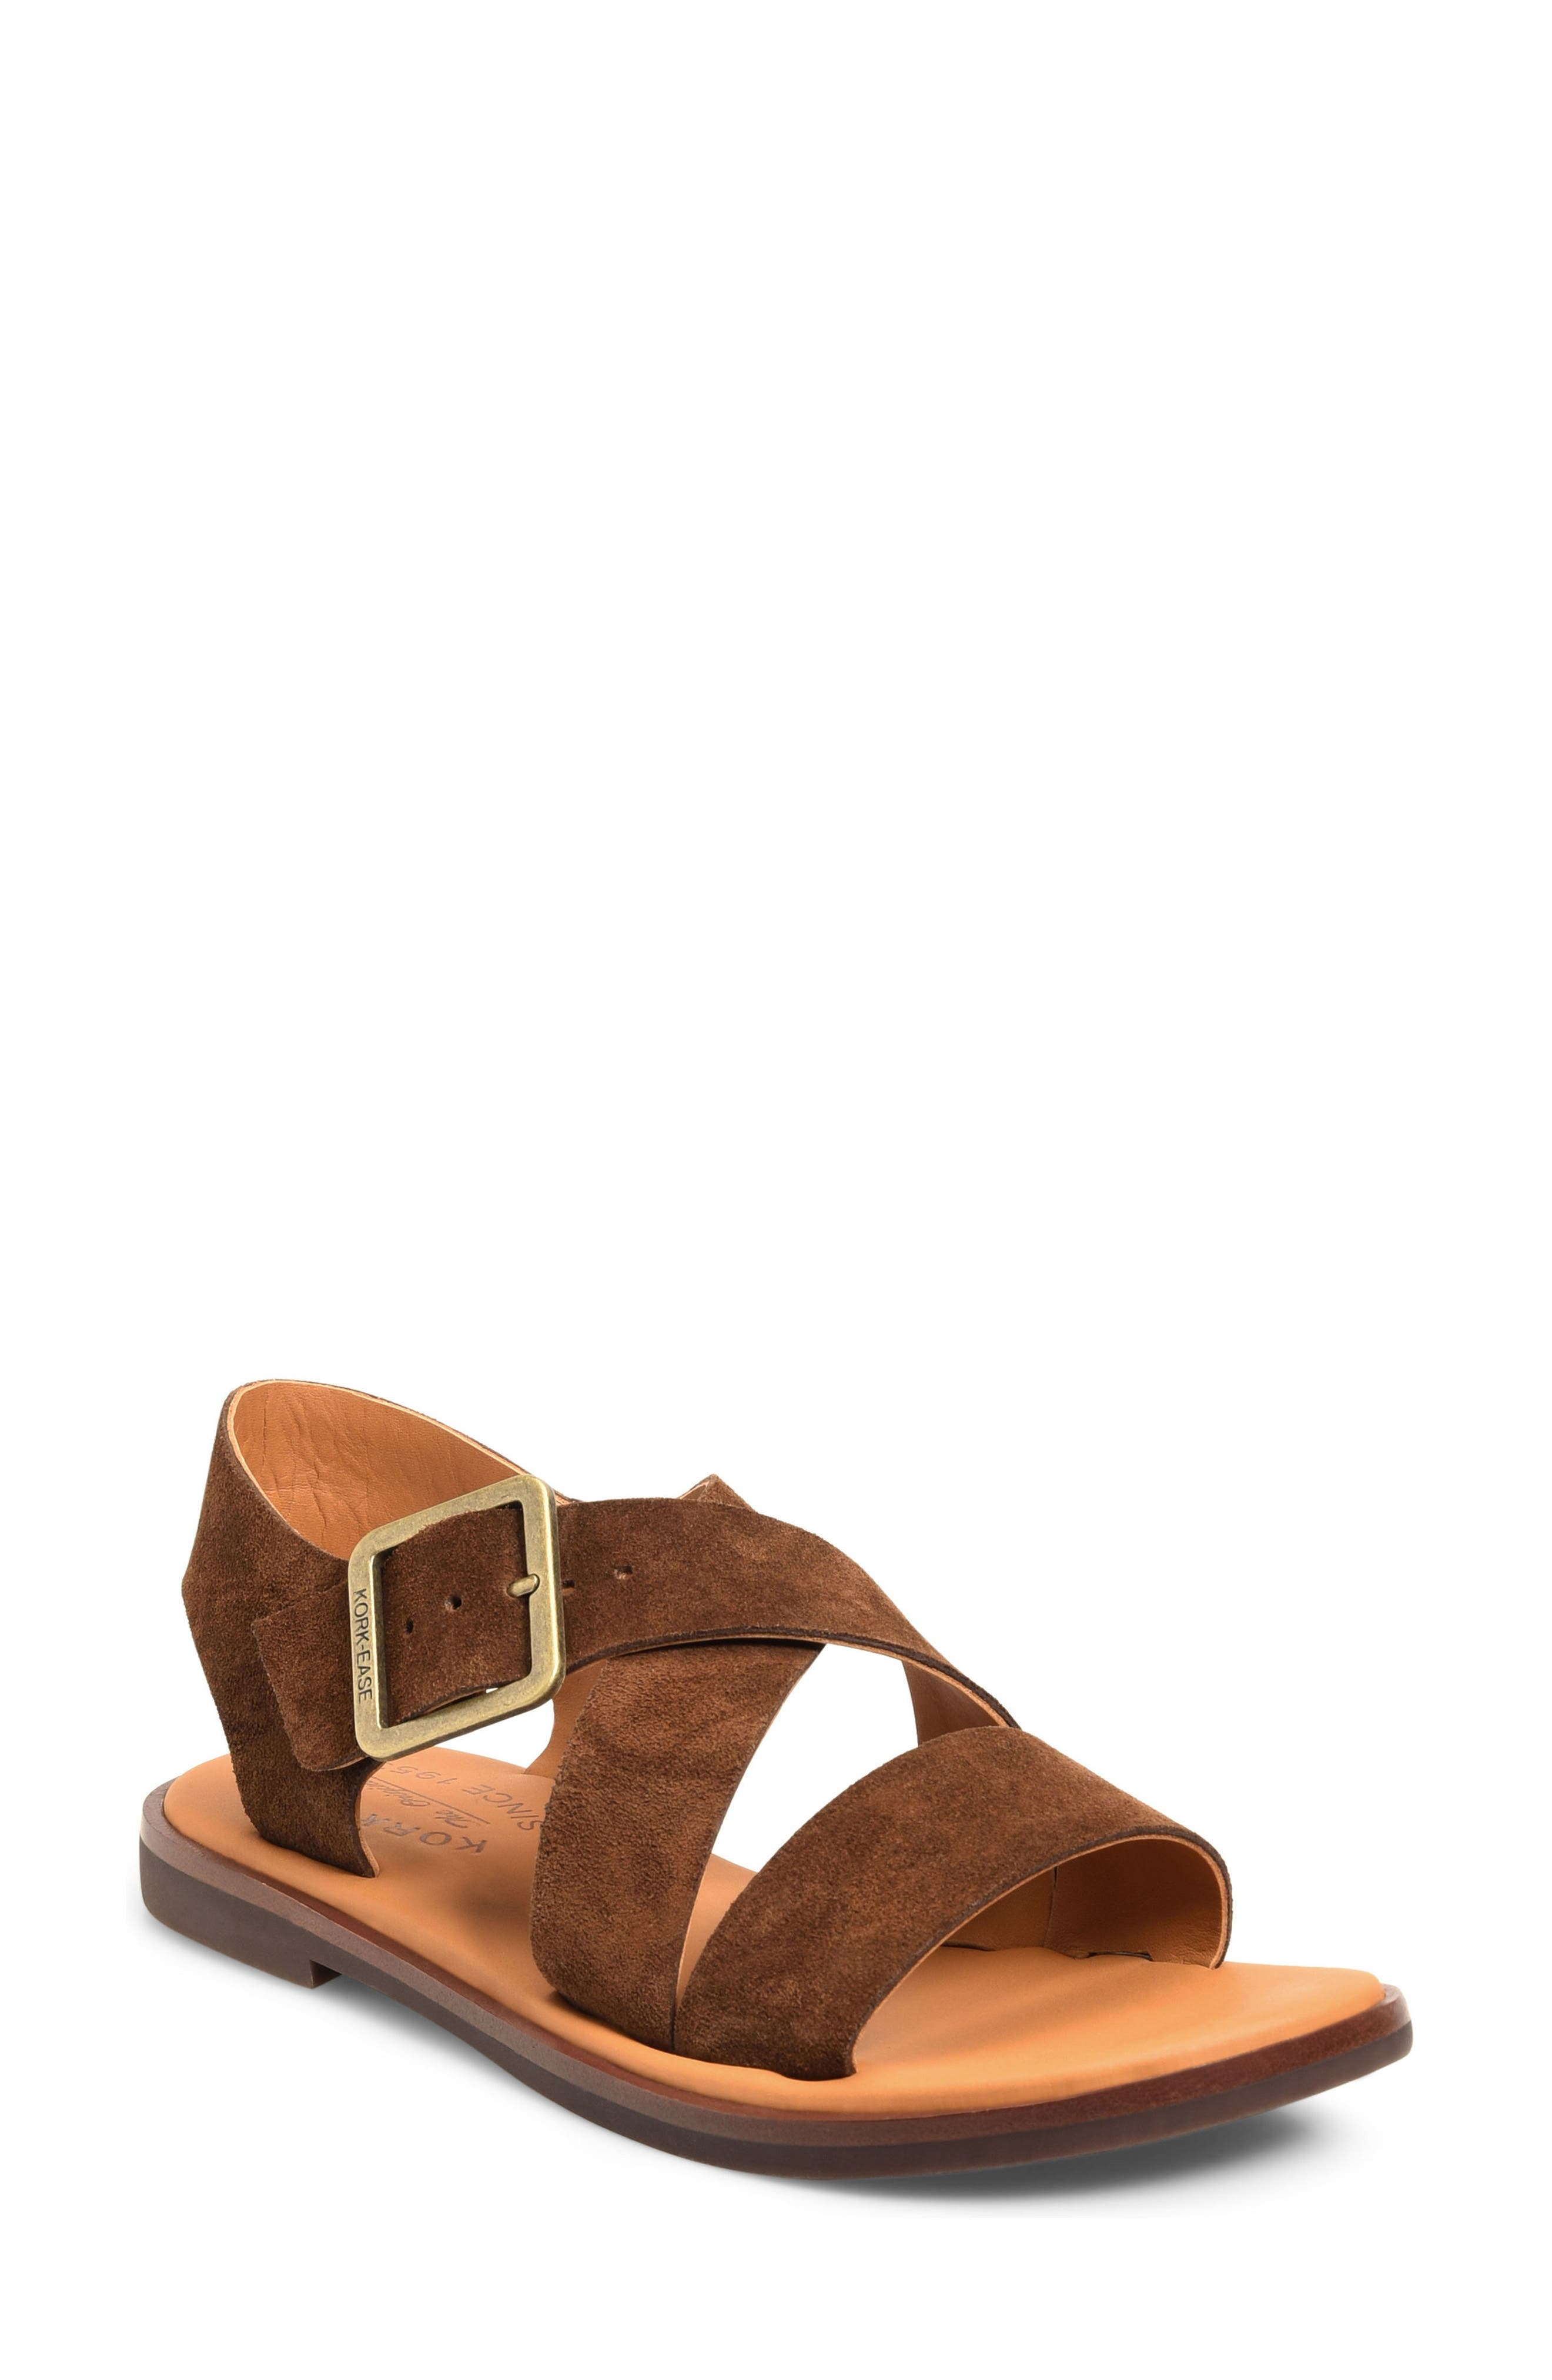 Main Image - Kork-Ease® 'Nara' Flat Sandal (Women)